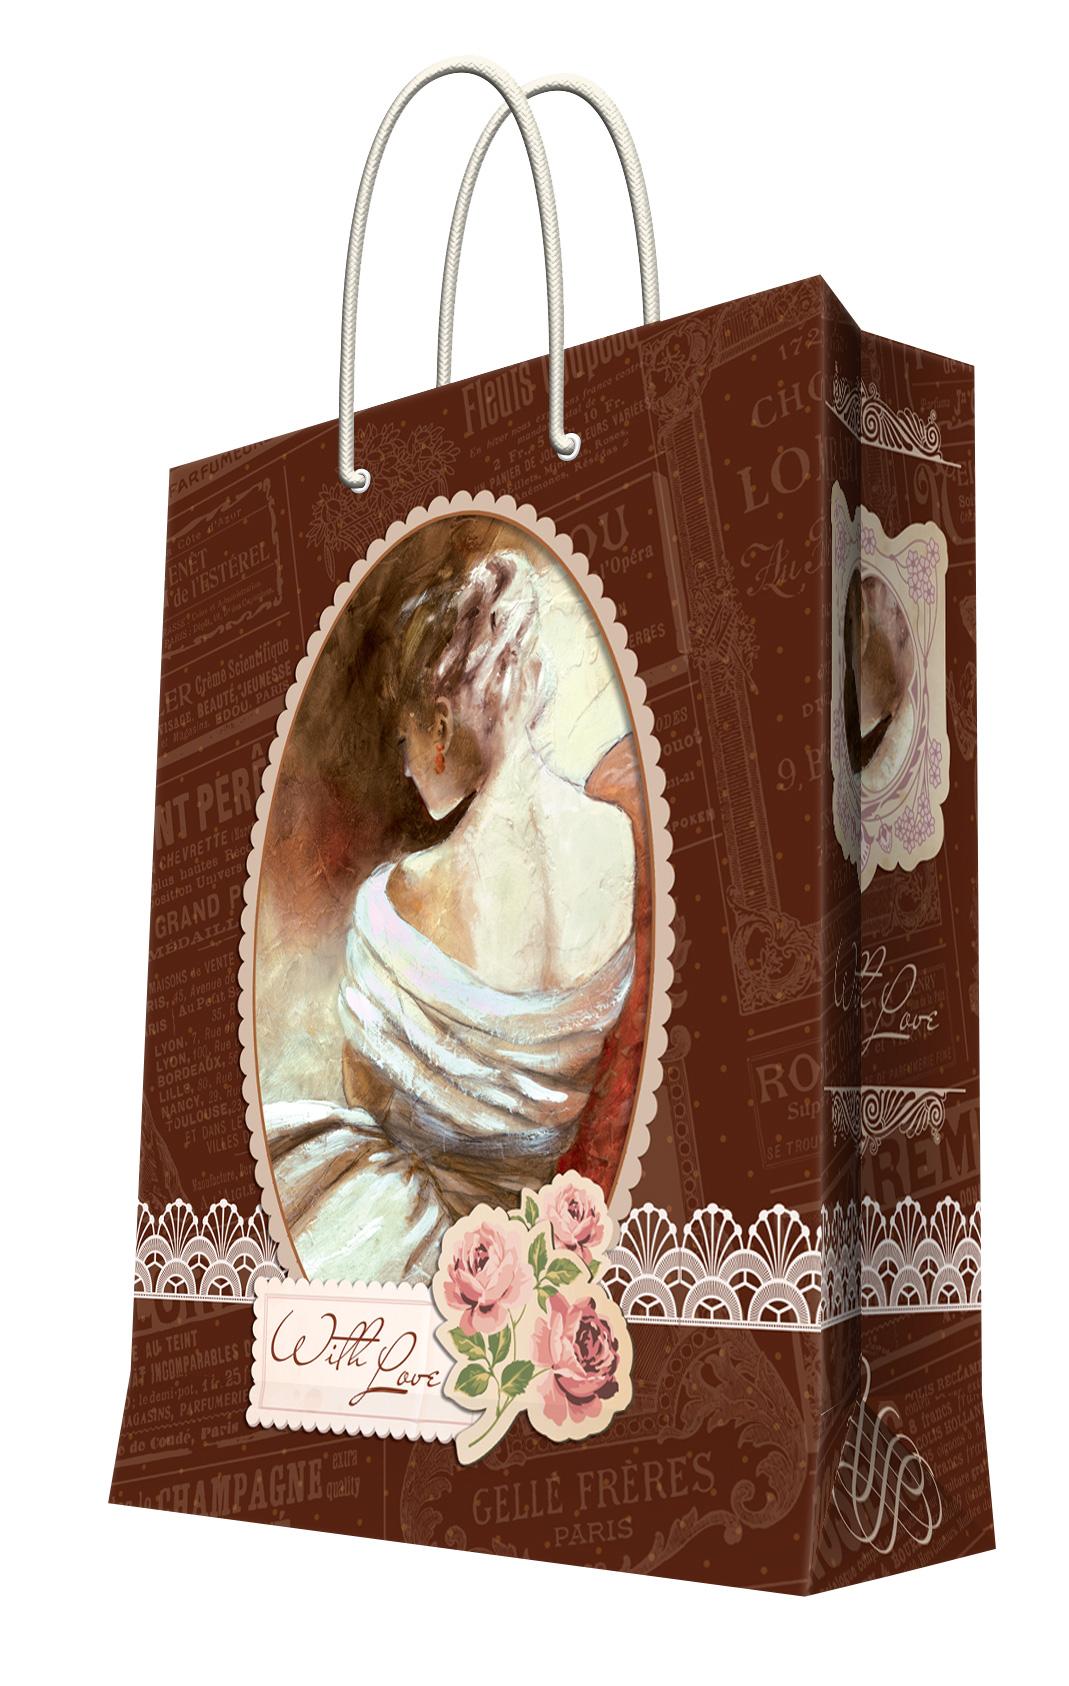 Пакет подарочный Феникс-Презент После бала, 26 х 12,7 х 32,4 см35967Подарочный пакет Феникс-Презент После бала, изготовленный из плотной бумаги, станет незаменимым дополнением к выбранному подарку. Дно изделия укреплено картоном, который позволяет сохранить форму пакета и исключает возможность деформации дна под тяжестью подарка. Пакет выполнен с глянцевой ламинацией, что придает ему прочность, а изображению - яркость и насыщенность цветов. Для удобной переноски на пакете имеются две ручки из шнурков. Подарок, преподнесенный в оригинальной упаковке, всегда будет самым эффектным и запоминающимся. Окружите близких людей вниманием и заботой, вручив презент в нарядном, праздничном оформлении. Плотность бумаги: 128 г/м2.